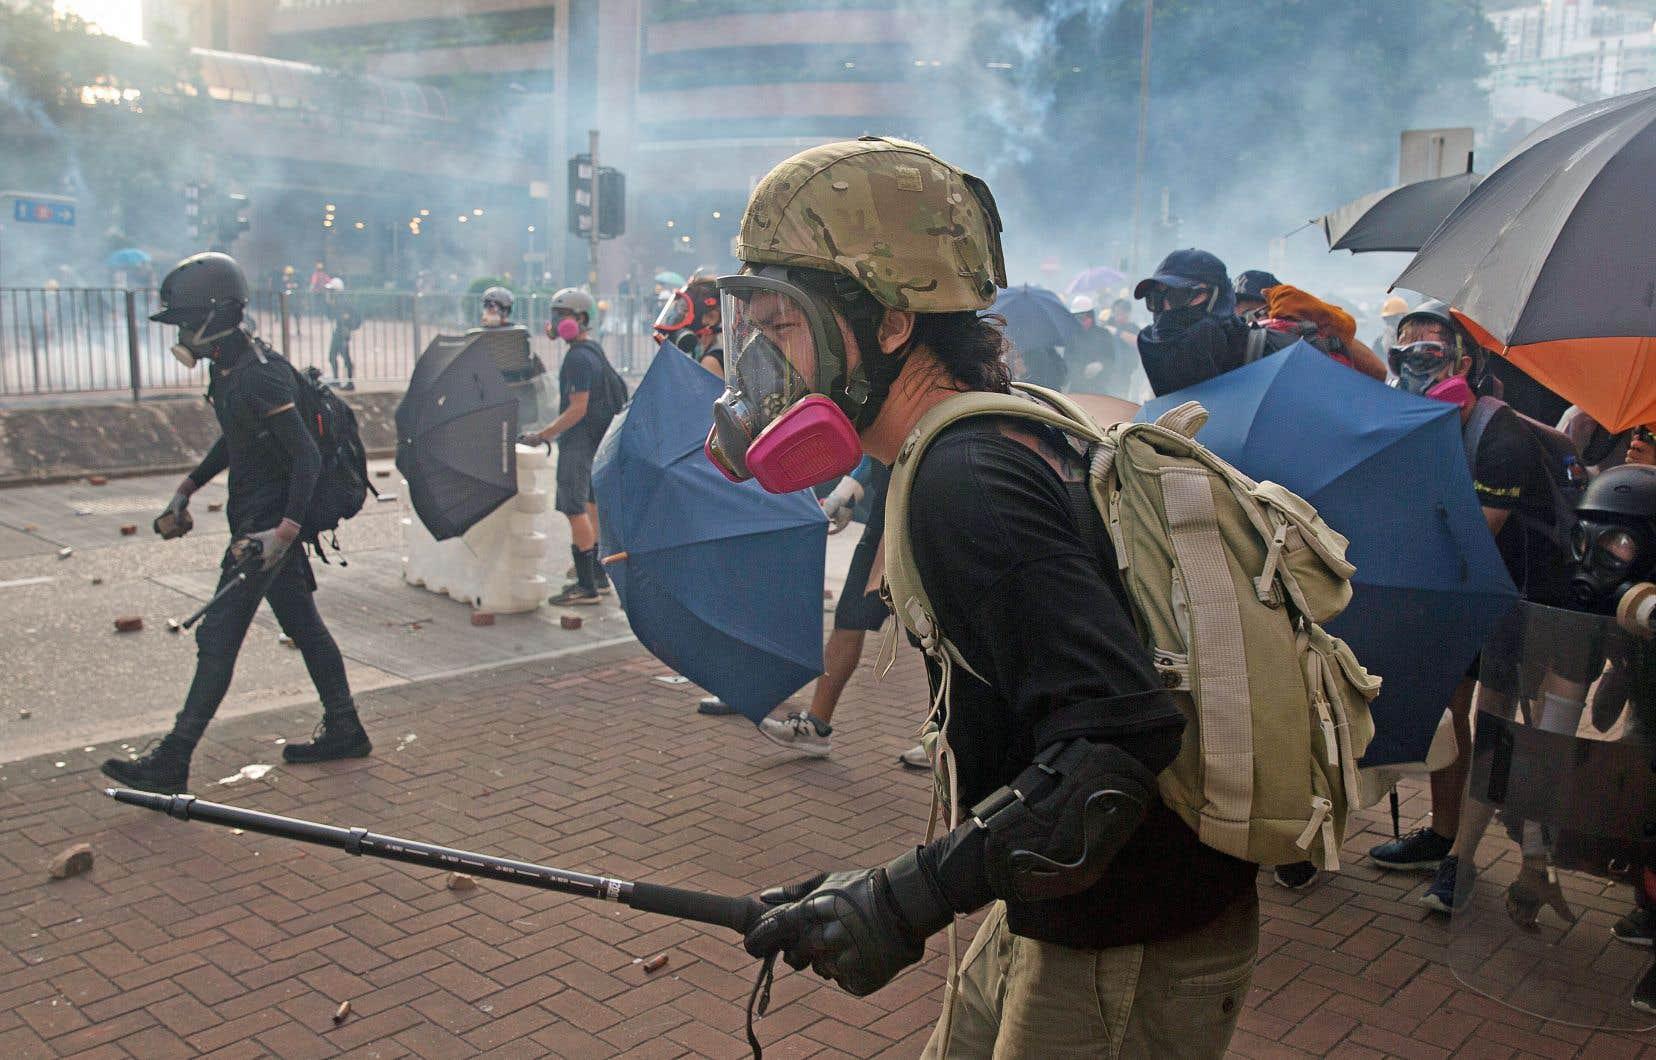 Lundi après-midi, sept manifestations simultanées ont eu lieu à Hong Kong, constituant un défi pour des forces de l'ordre, qui sont mises à rude épreuve depuis deux mois.